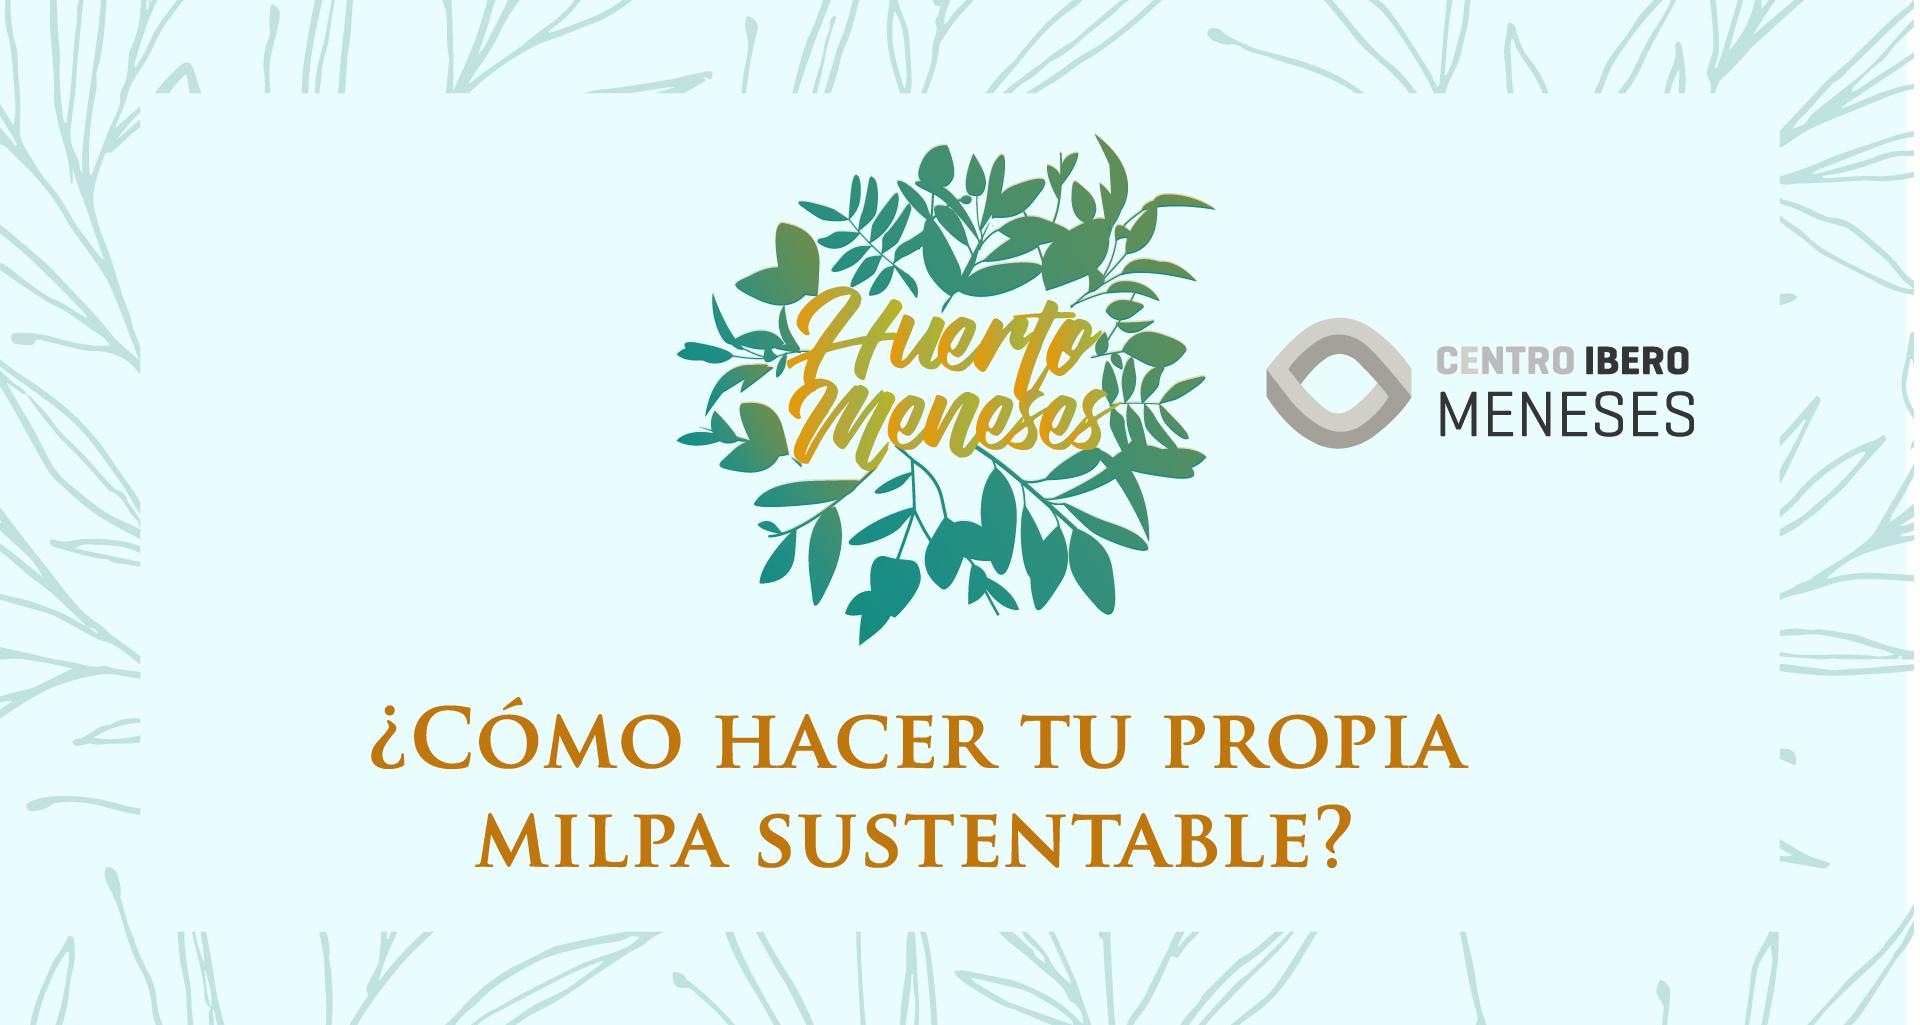 ¿Cómo hacer tu propia Milpa Sustentable?